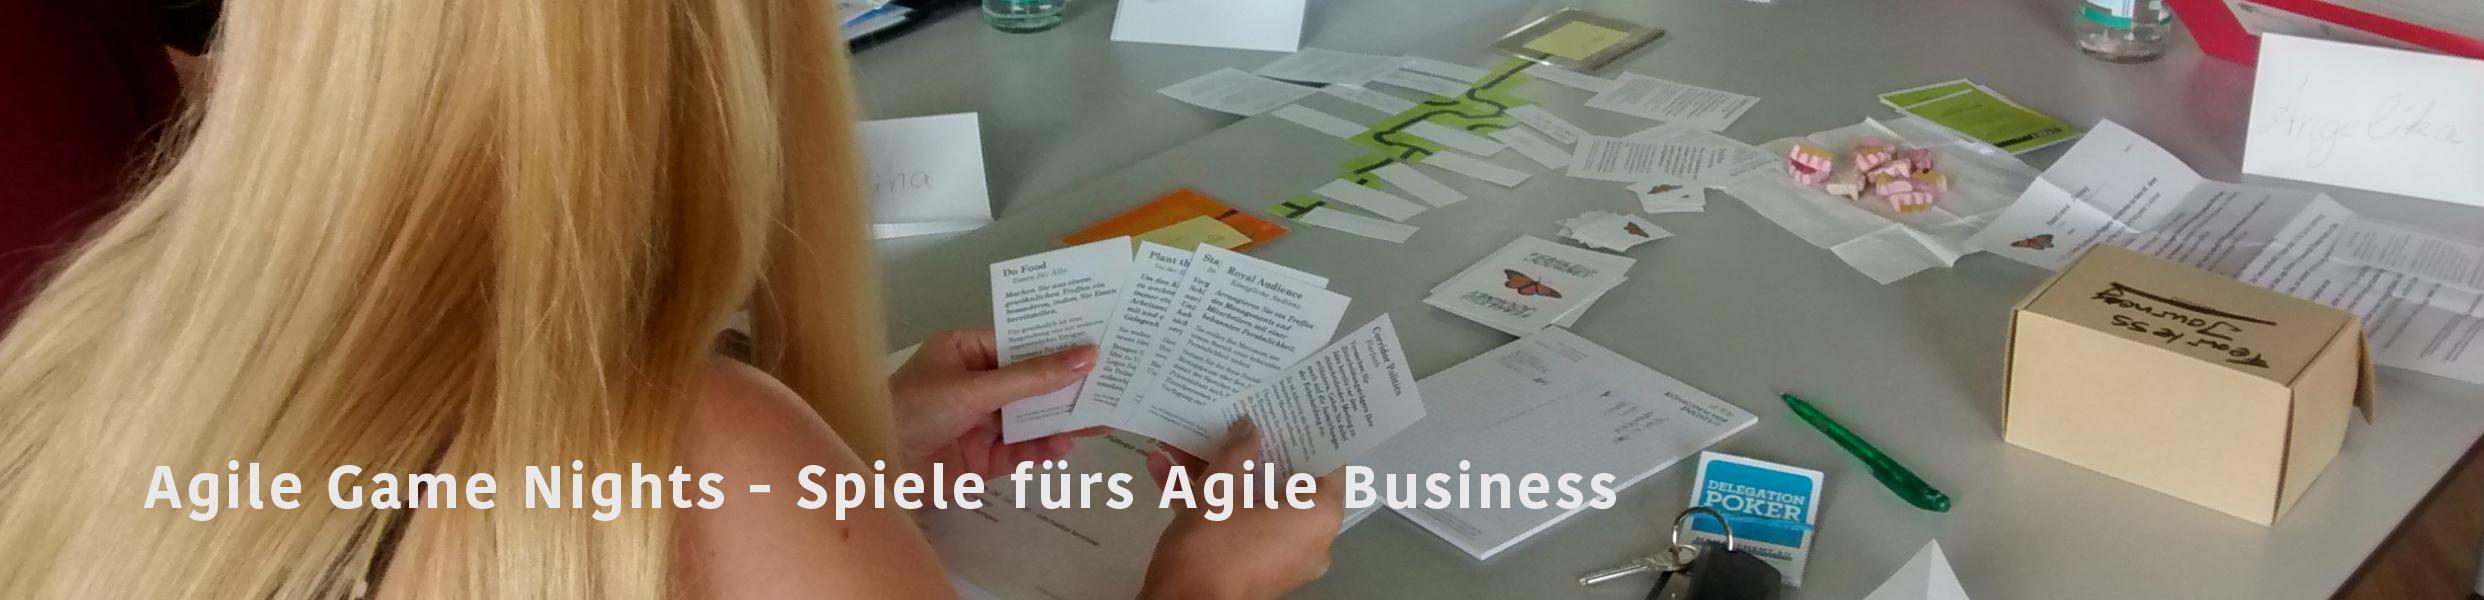 agile-game-nights-slider